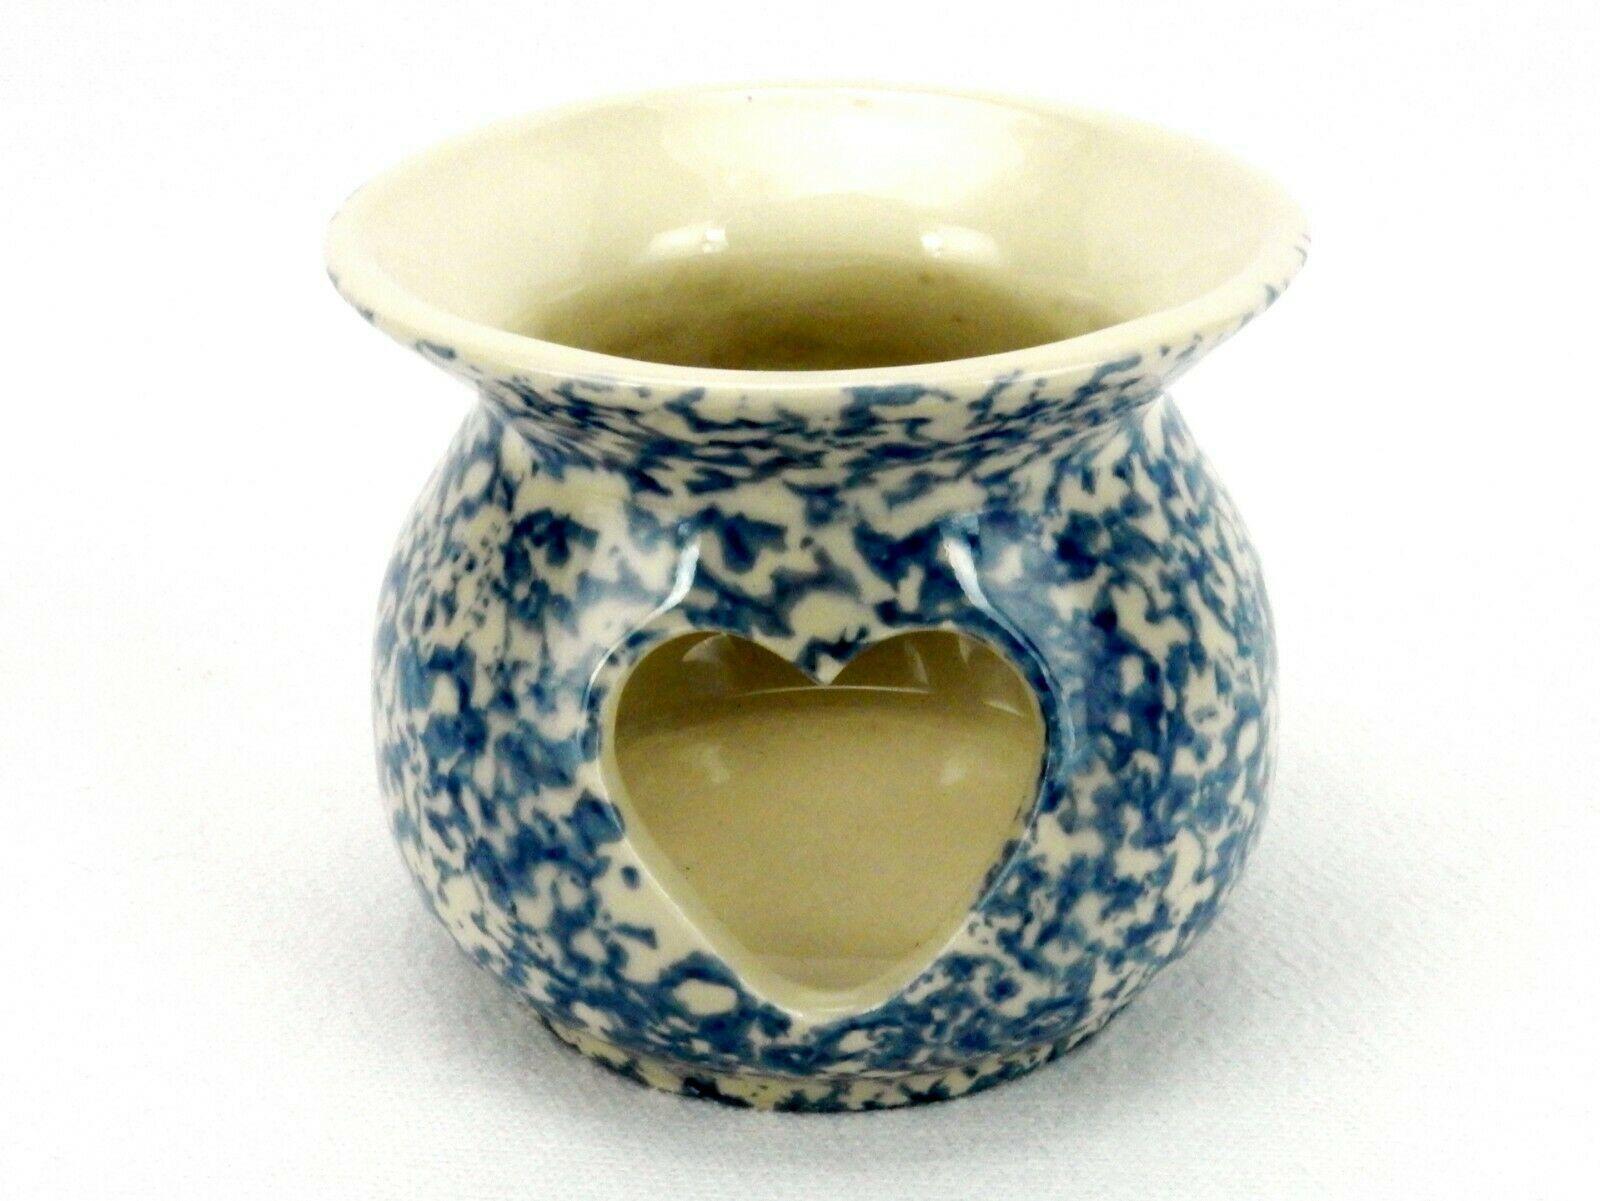 Blue Spongeware Heart Votive/Tealight, Roseville Pottery, Gerald Henn Workshops - $24.45